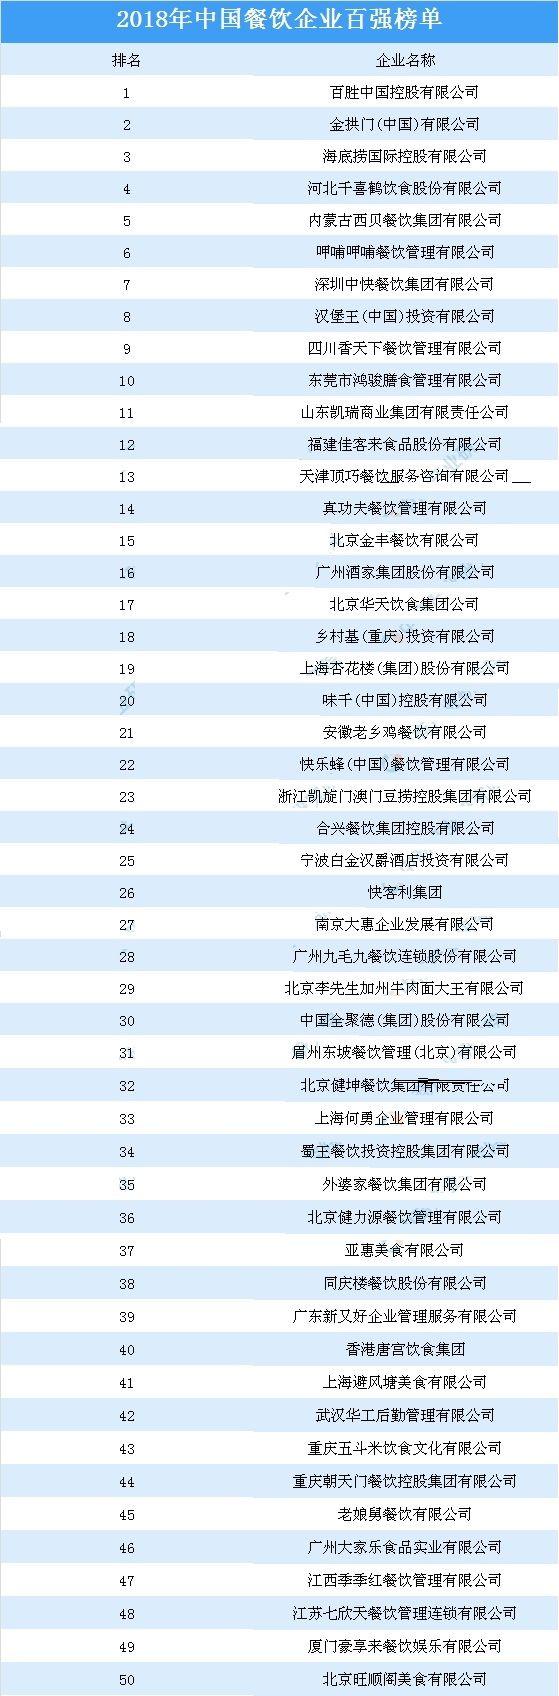 中国餐饮企业百强榜  2018年中国餐饮企业百强排名榜单